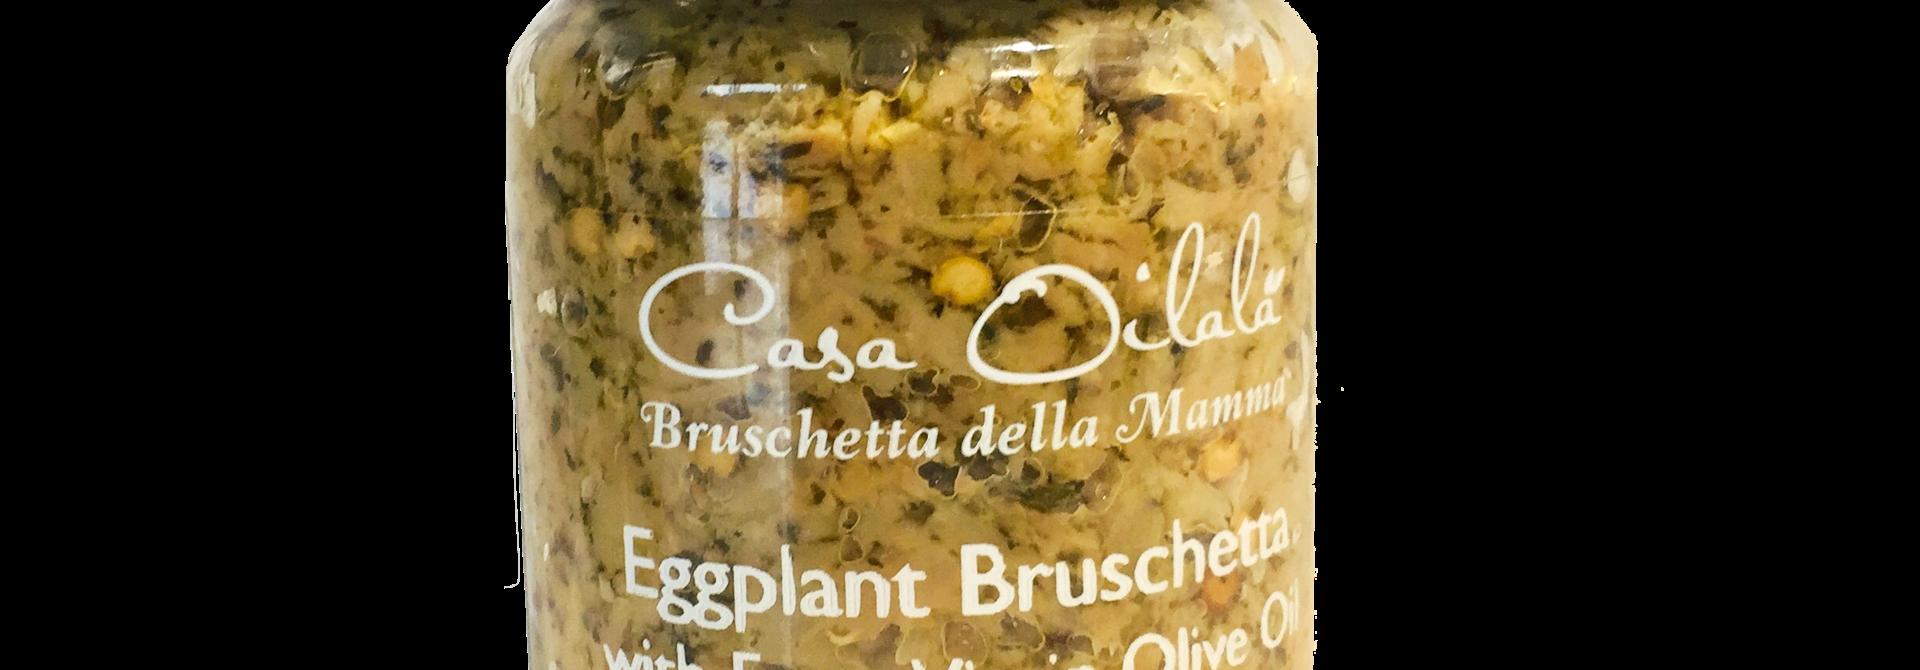 Aubergine bruschetta met olijfolie 140g